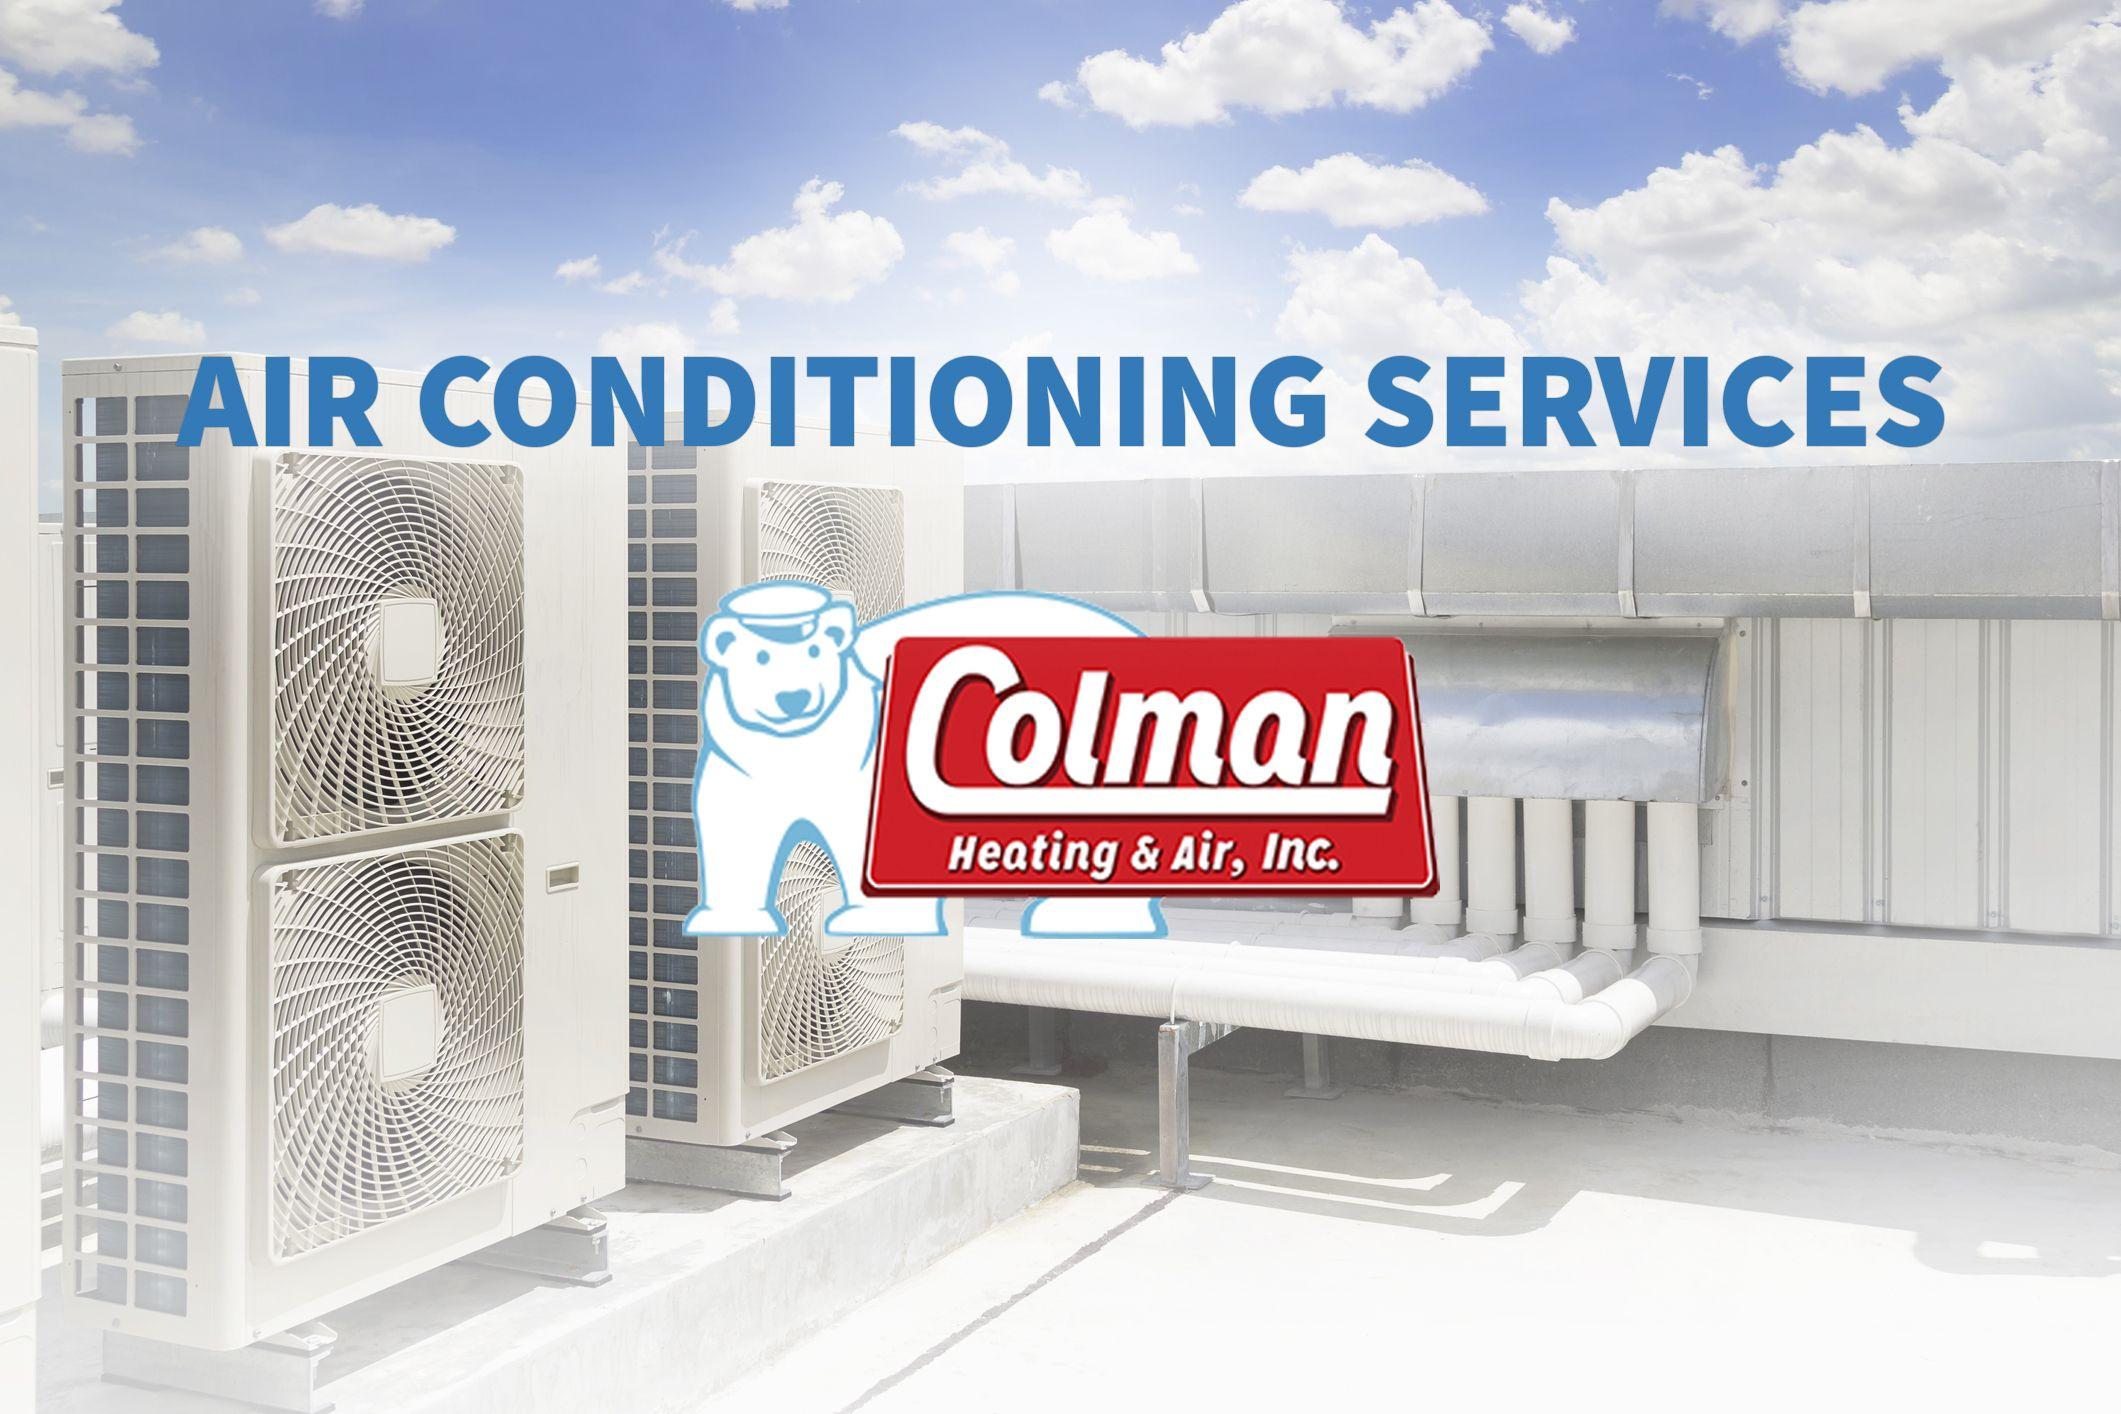 Air Conditioning Service Air conditioning services, Air